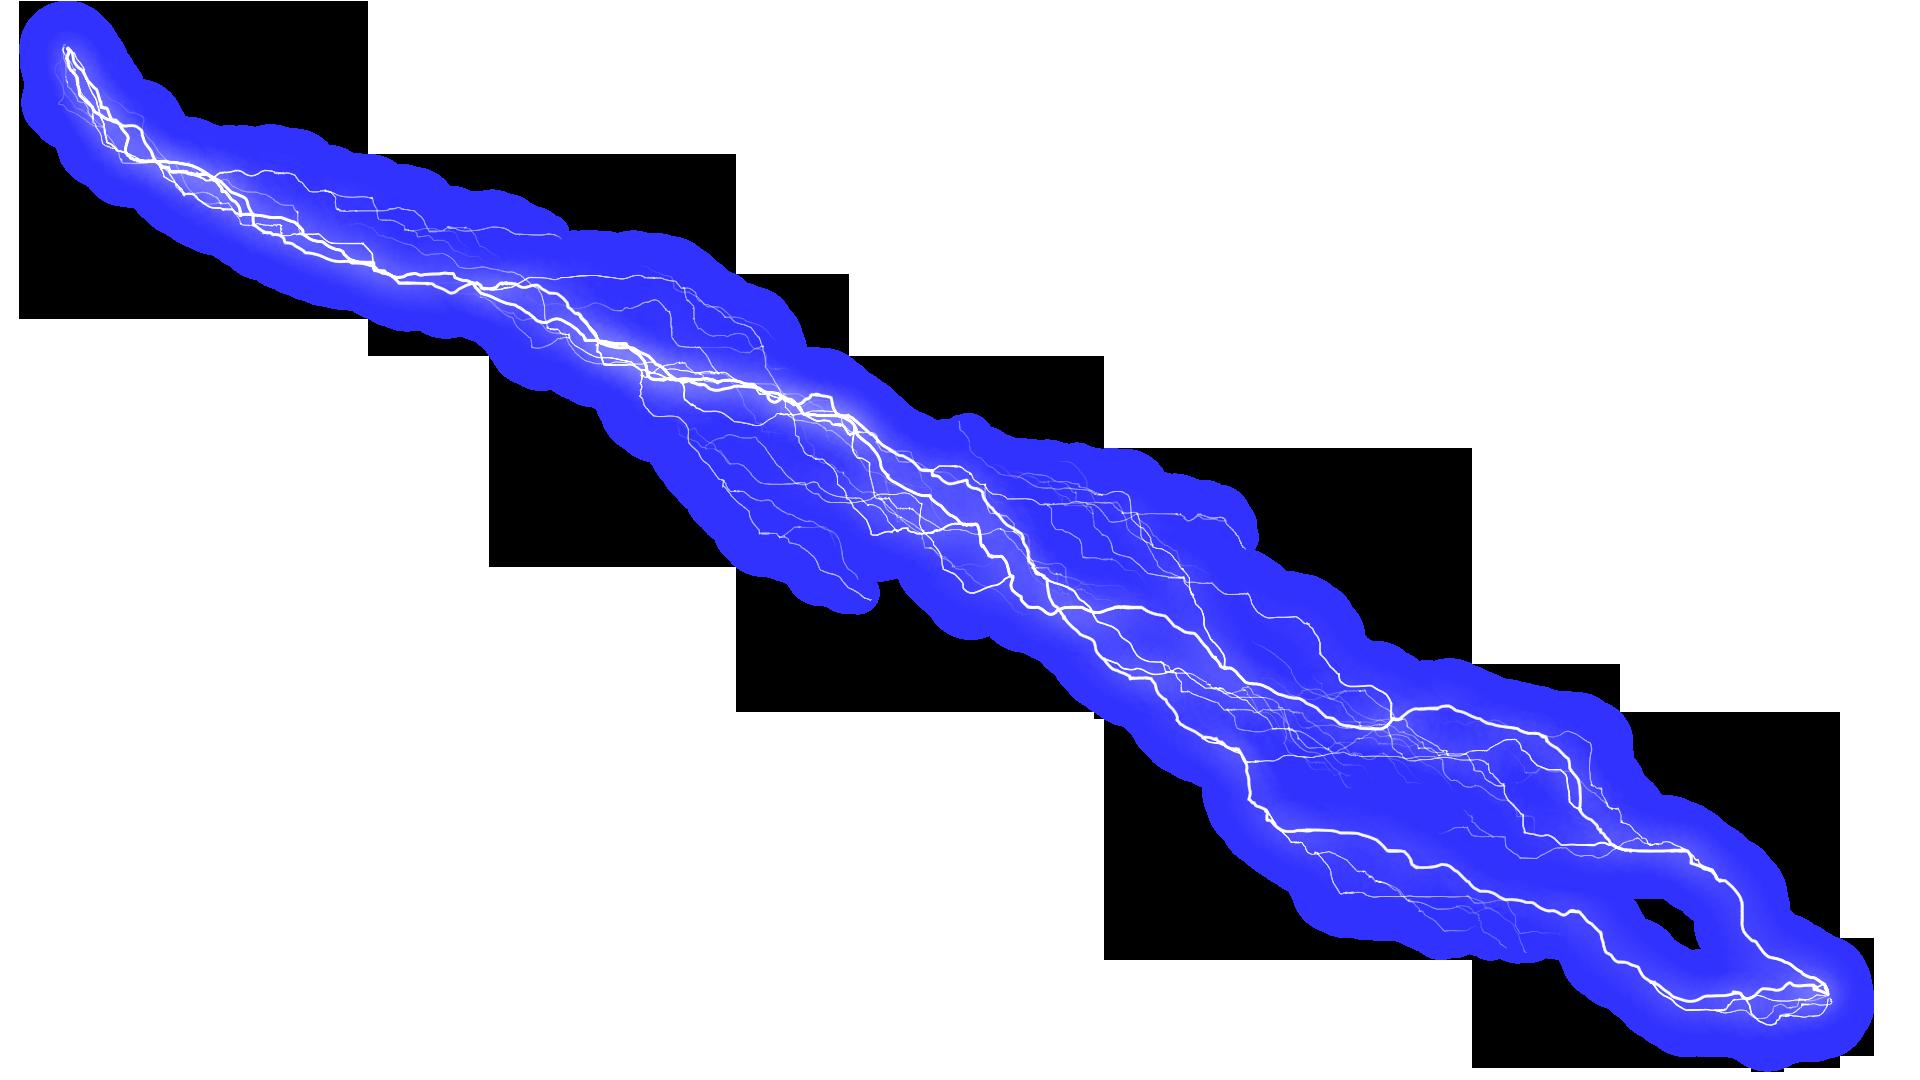 Png transparent images all. Lightning clipart lightning shock